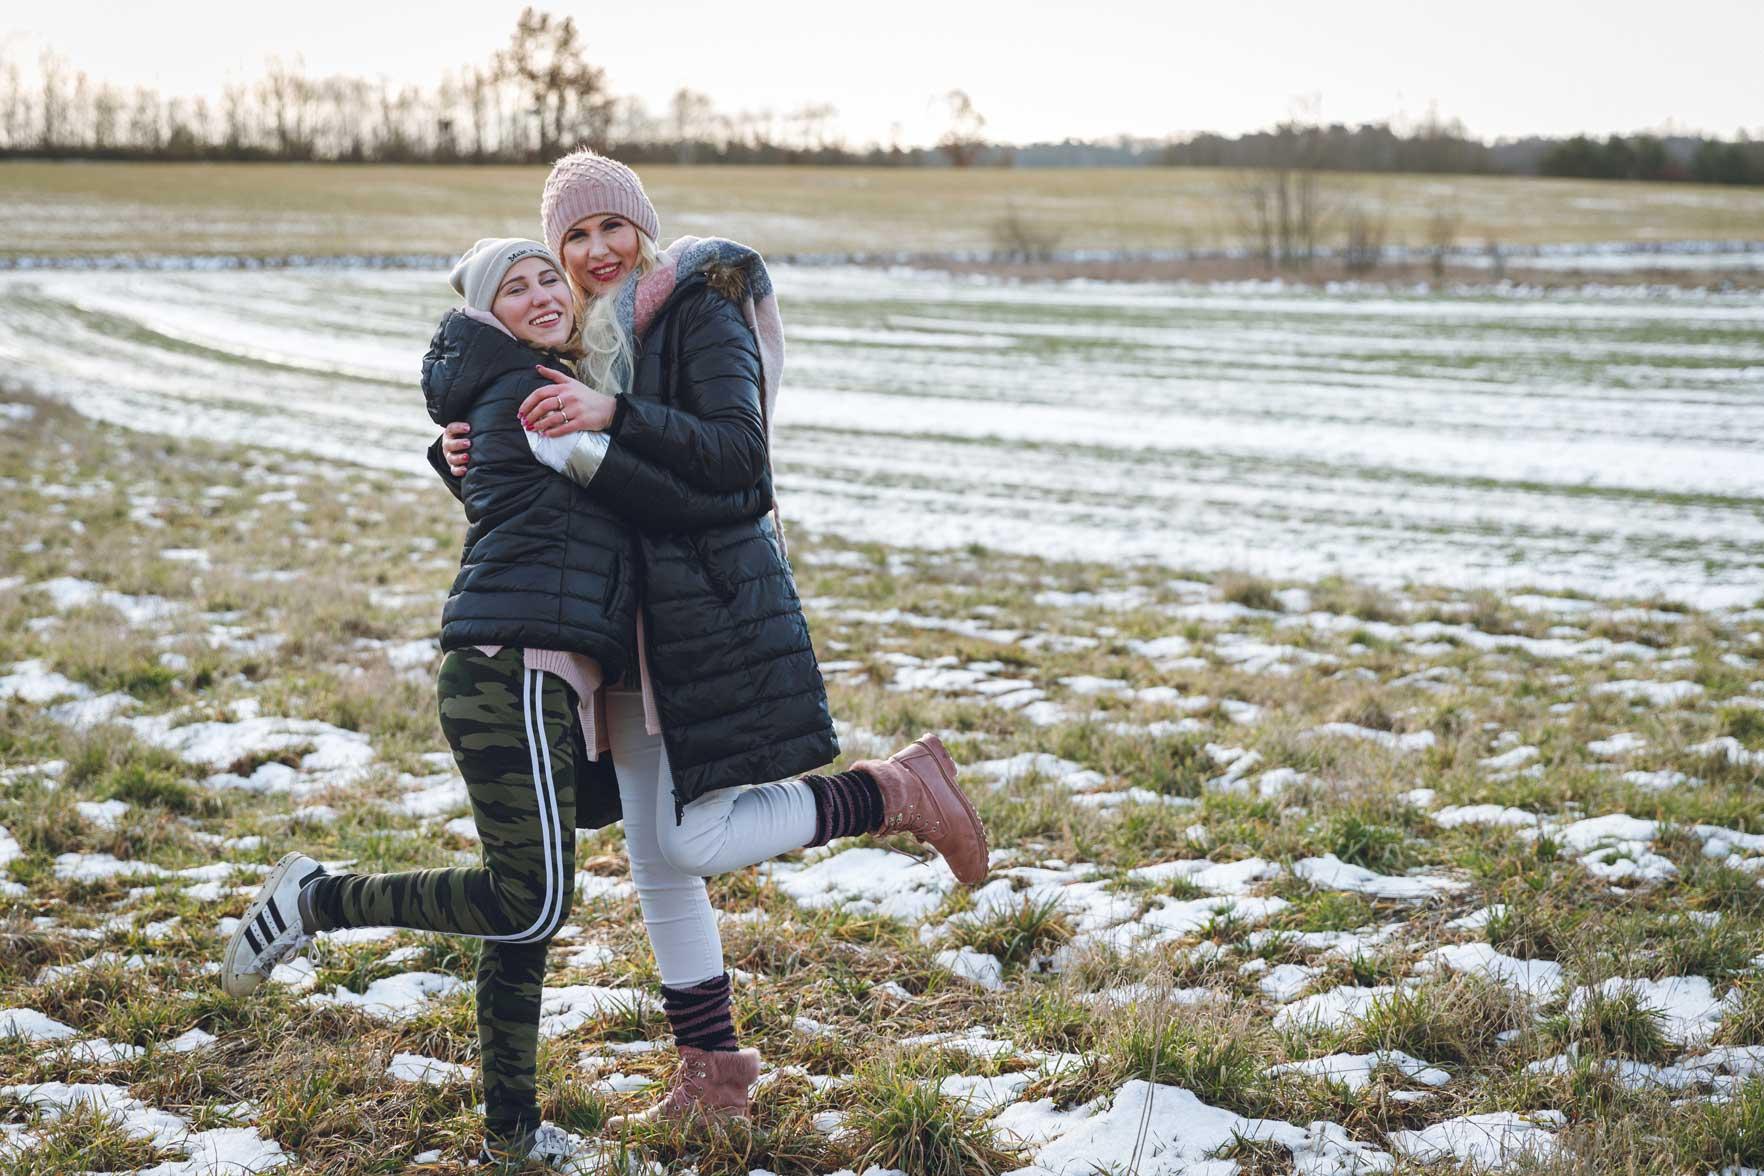 Mutter und Tochter – Portraits am Rothsee zum Muttertag IMG 7749w